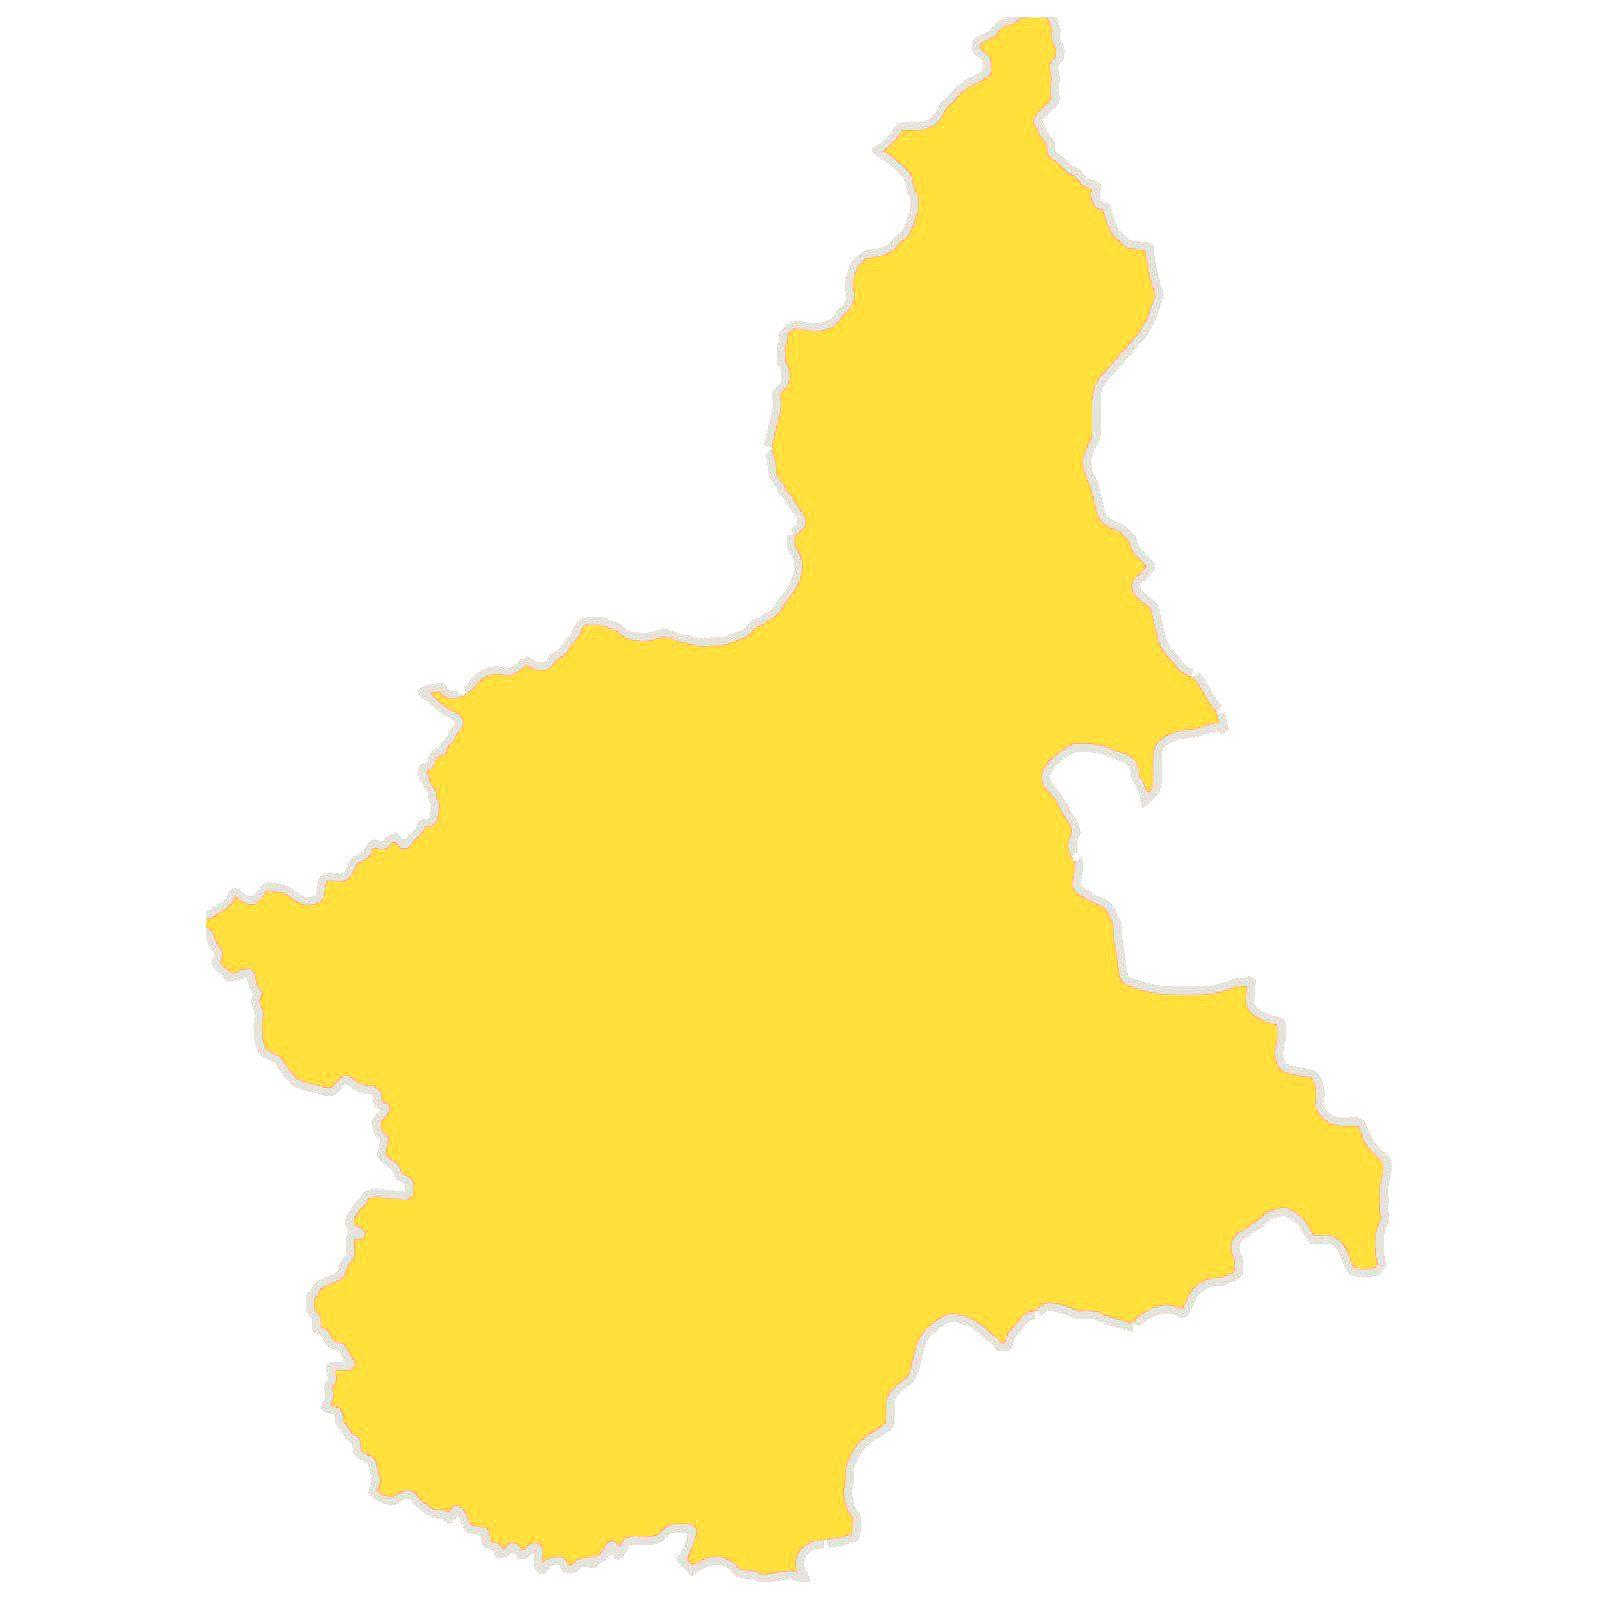 COVID - Il Piemonte resta in zona gialla per un'altra settimana: la pressione ospedaliera scende